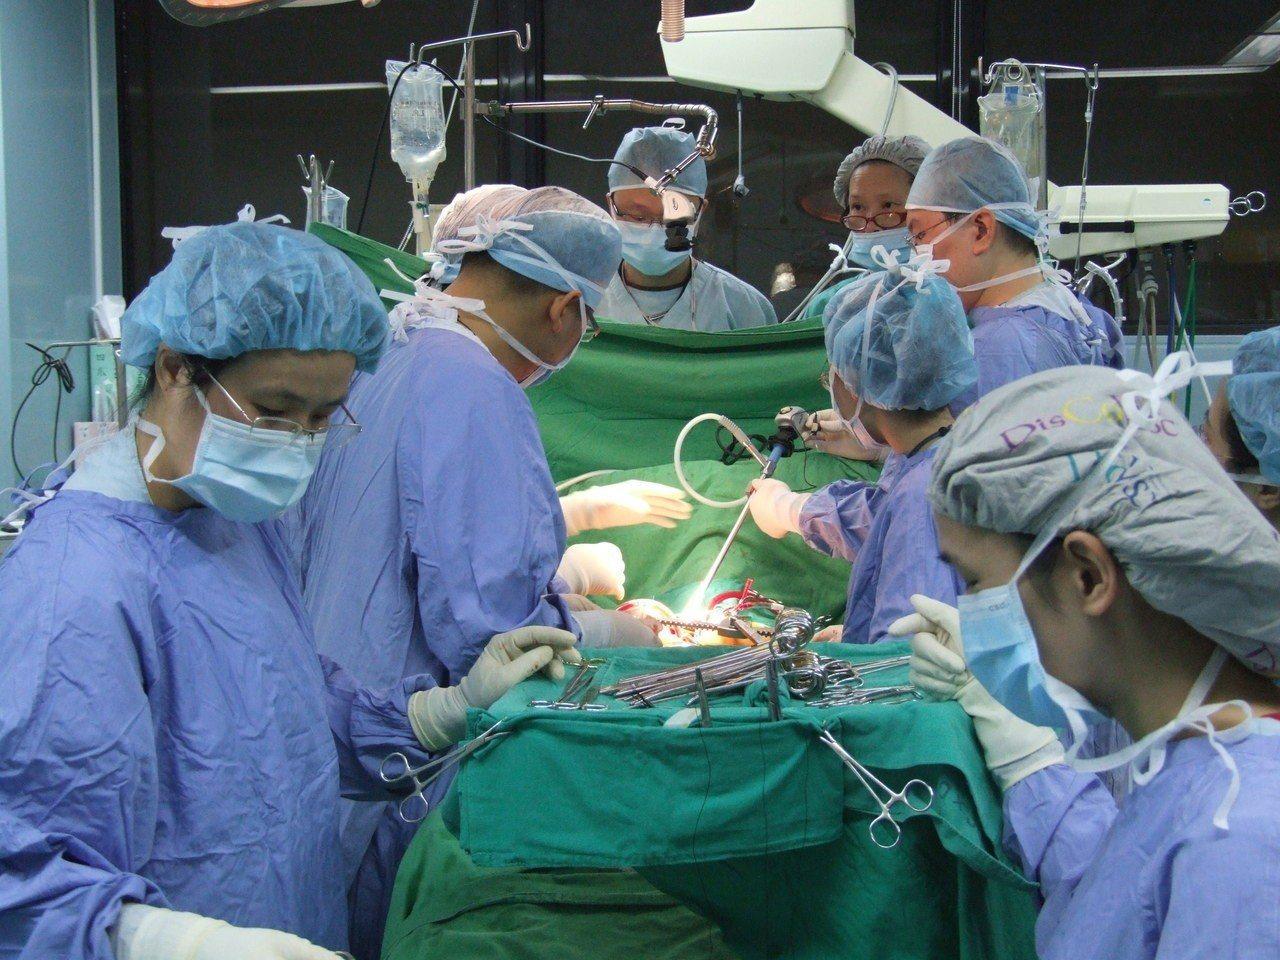 衛福部預告「人體器官移植分配及管理辦法」修正草案,擬開放心臟、肺臟、肝臟、腎臟、...